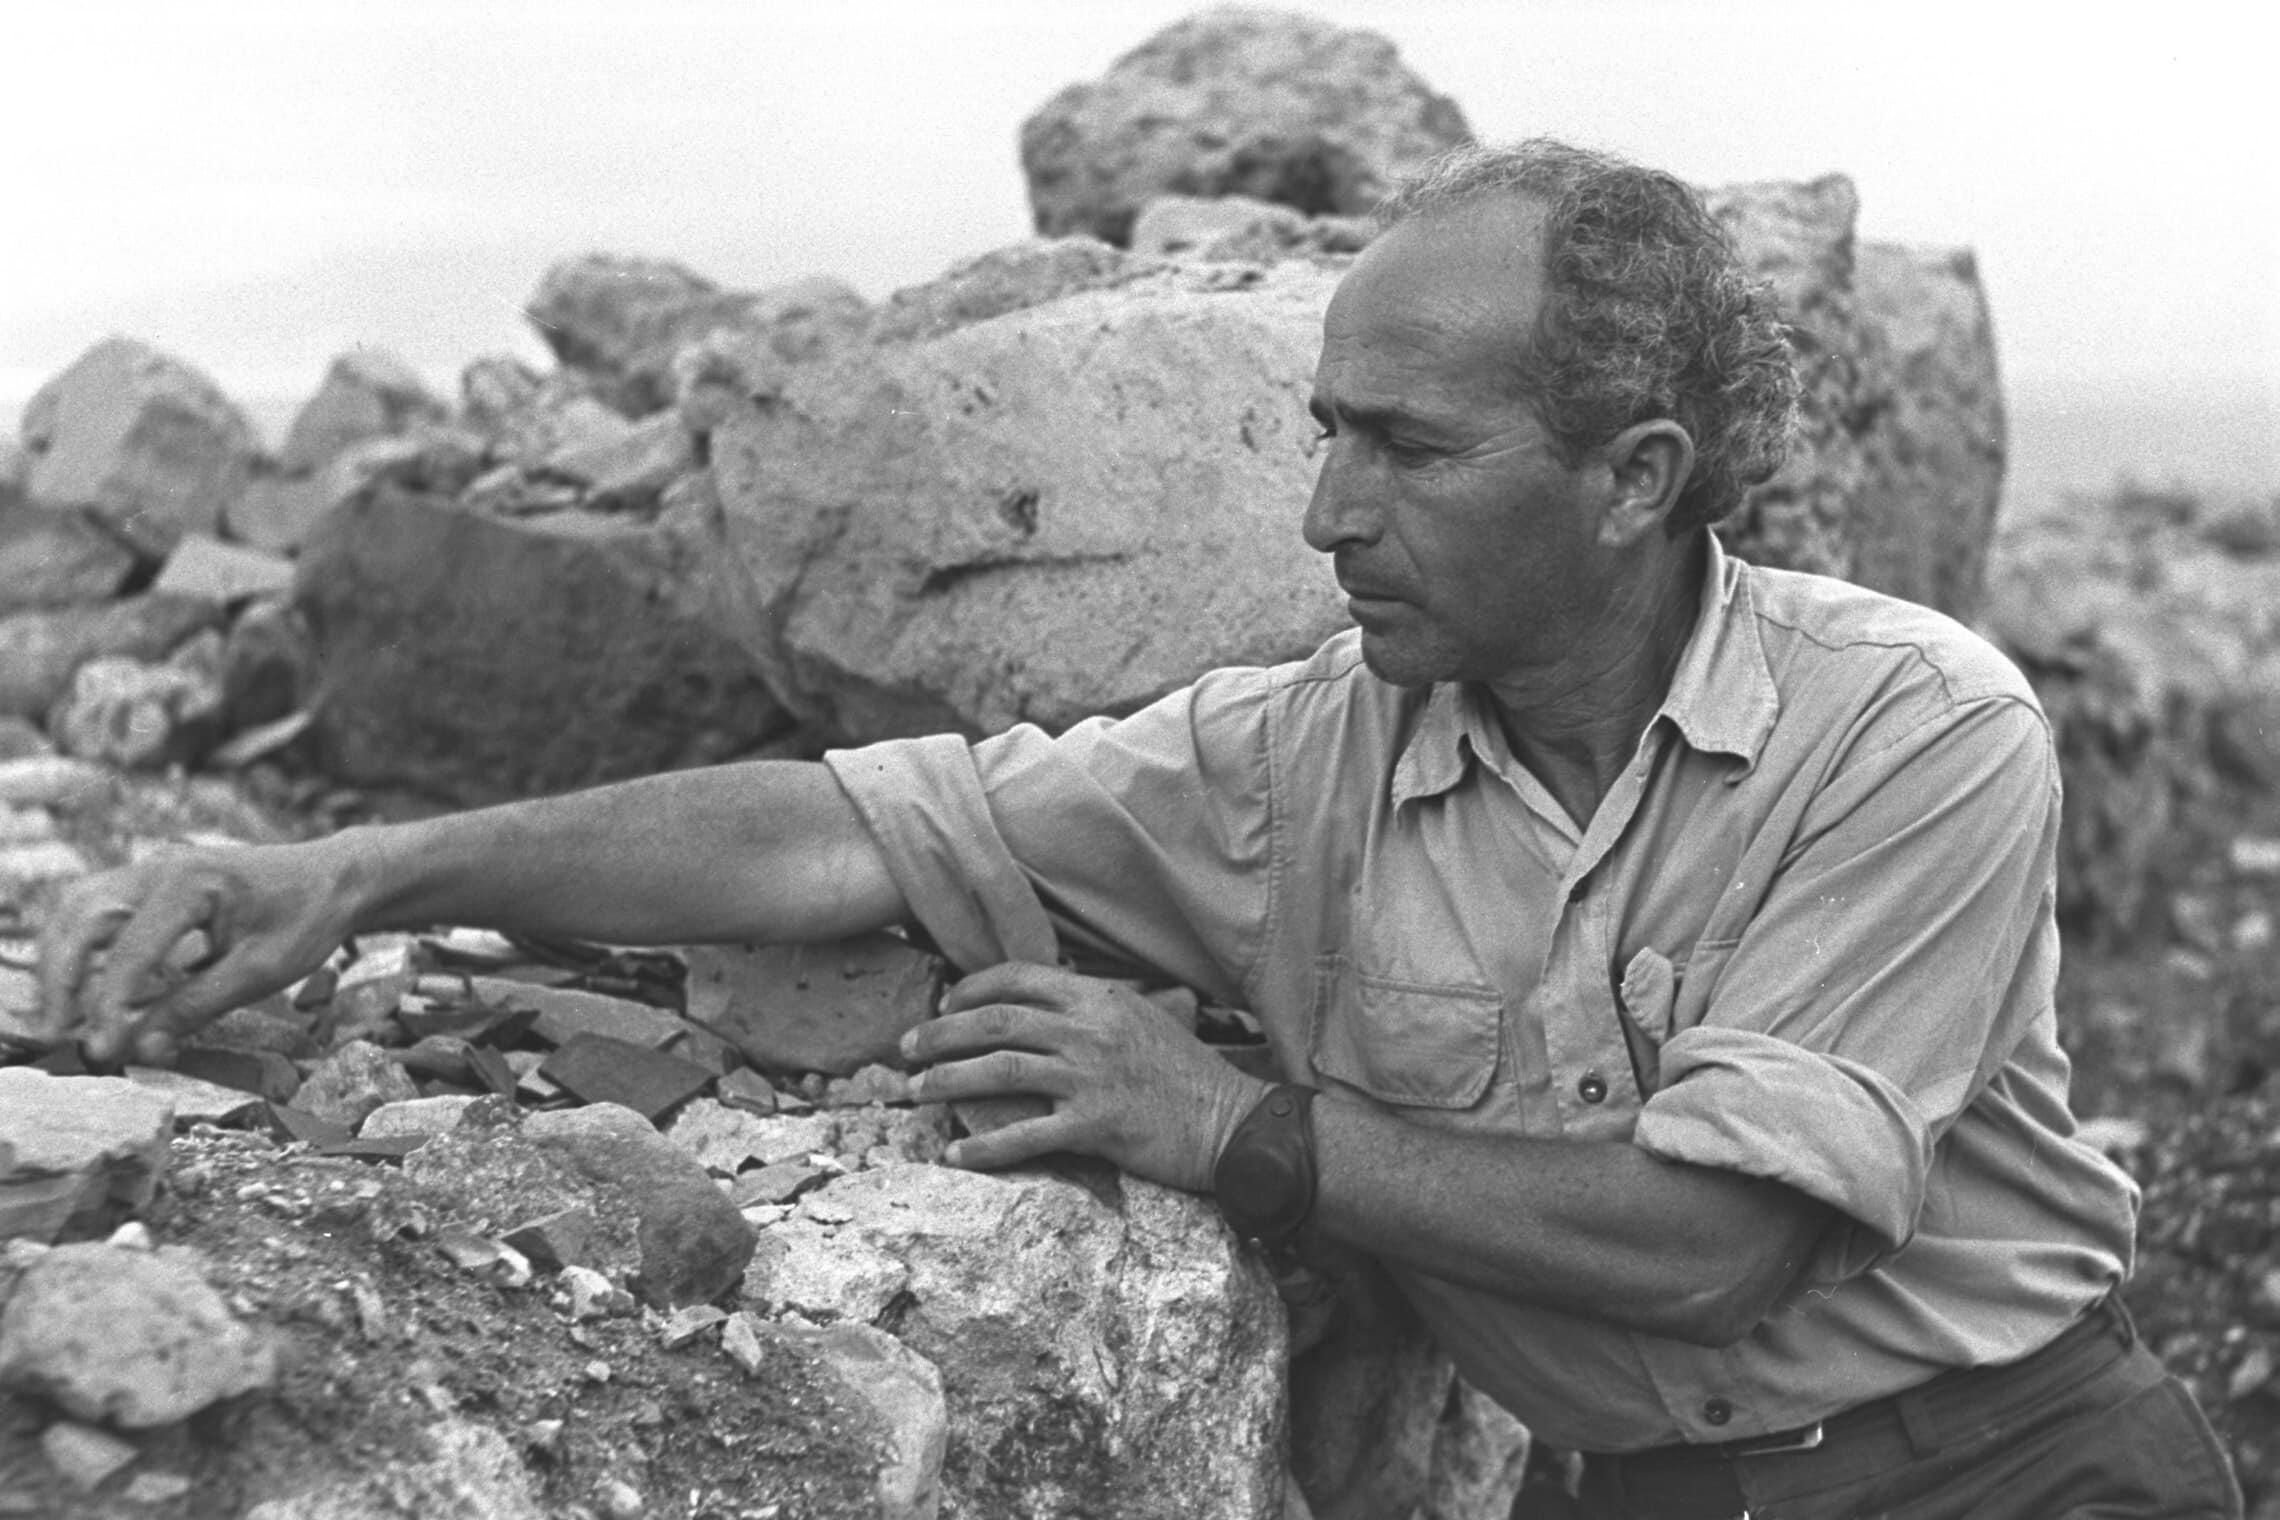 """הארכאולוג שמריה גוטמן ליד עין בוקק ב-1956 (צילום: משה פרידן/לע""""מ)"""